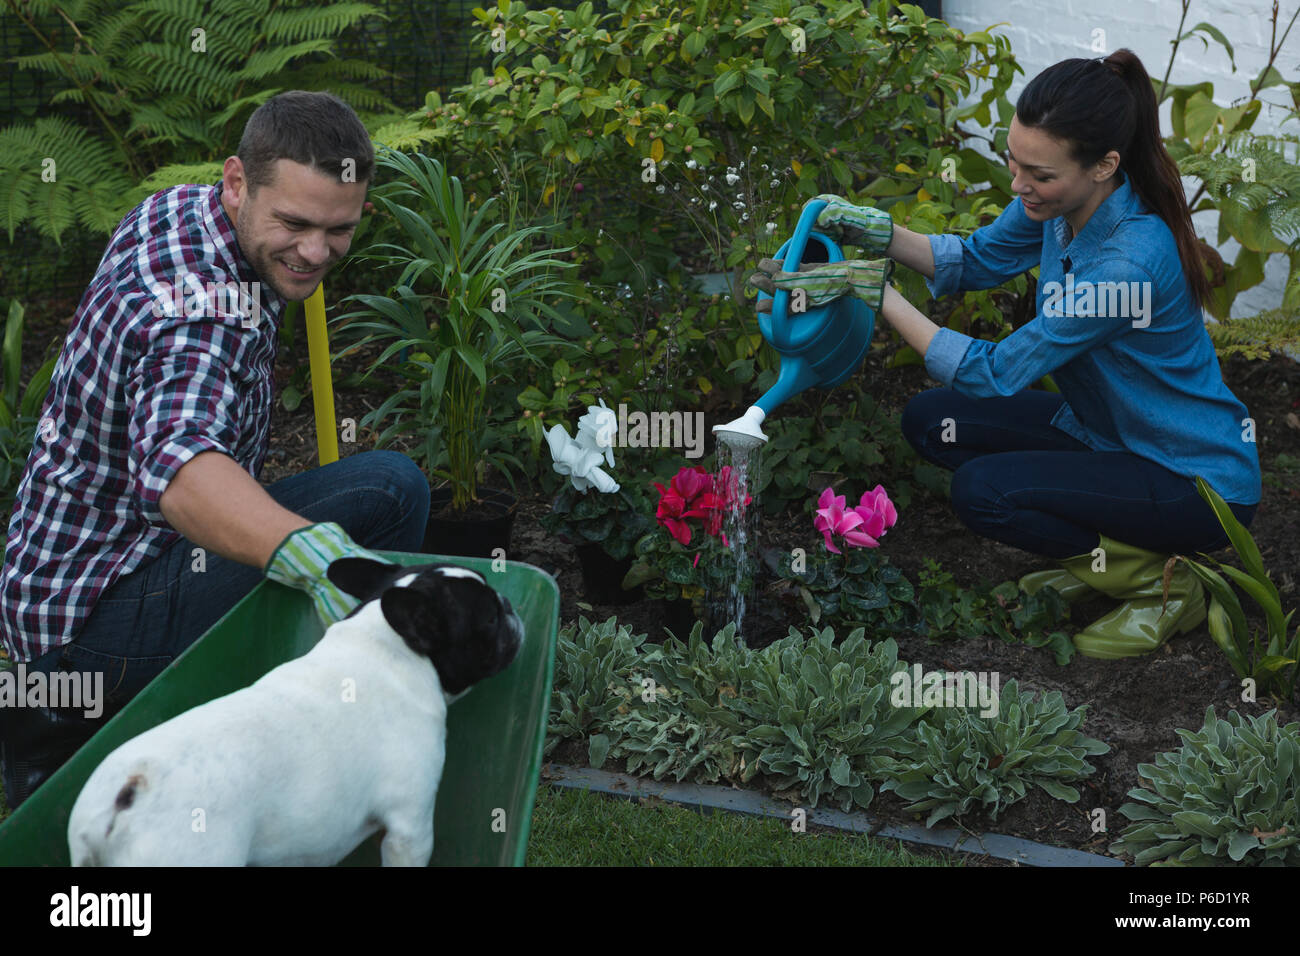 La plantation d'un couple dans le jardin des plantes Banque D'Images